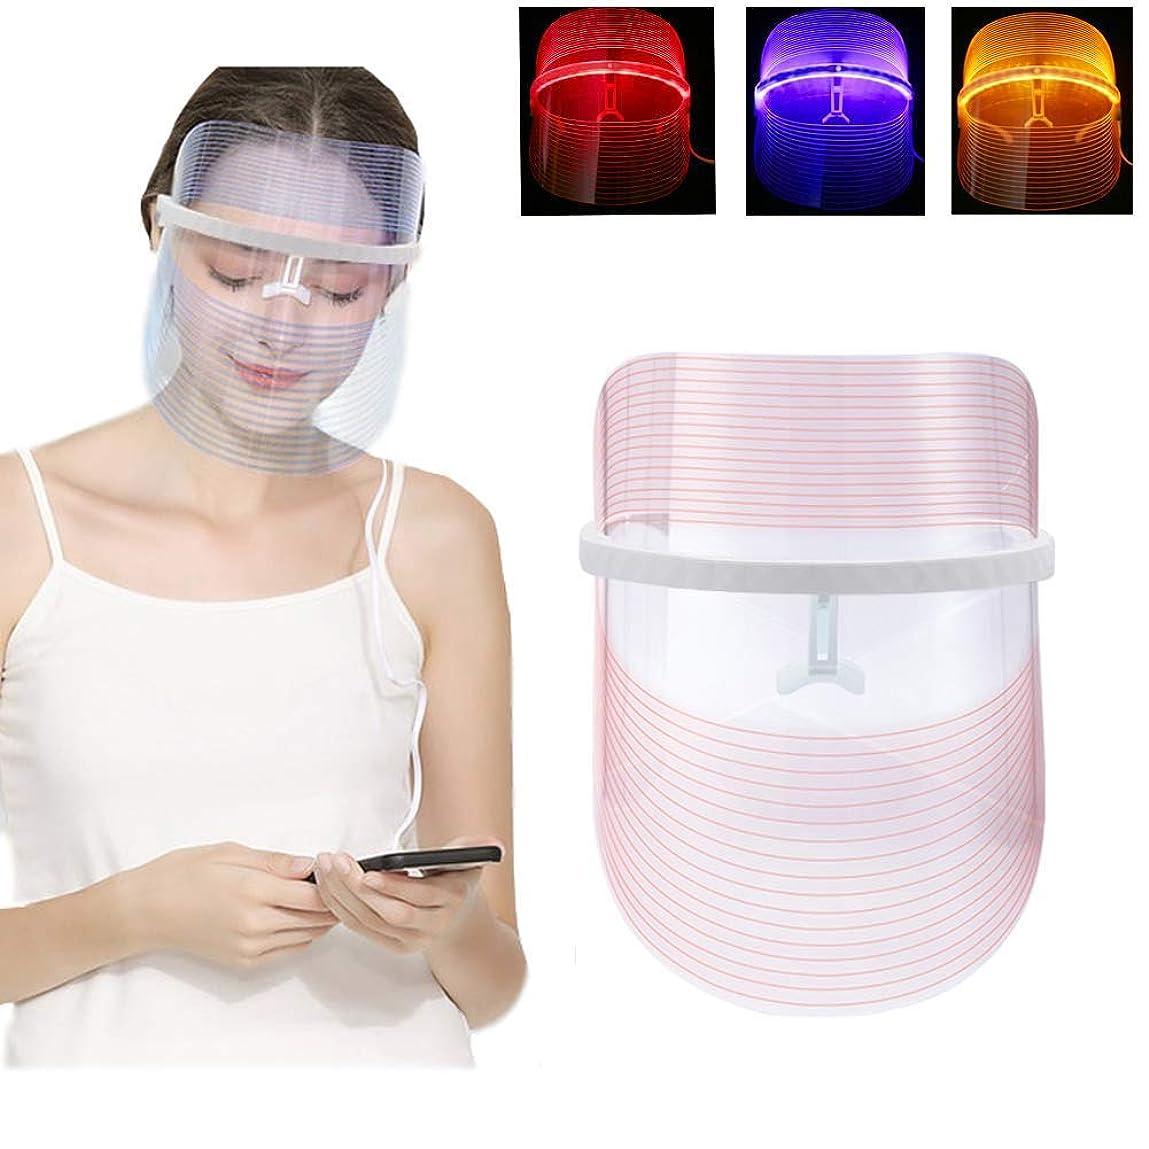 染色髄石鹸3色LEDライト療法のフェイスマスクの美の器械の顔の鉱泉の処置装置の反アクネのしわの取り外し